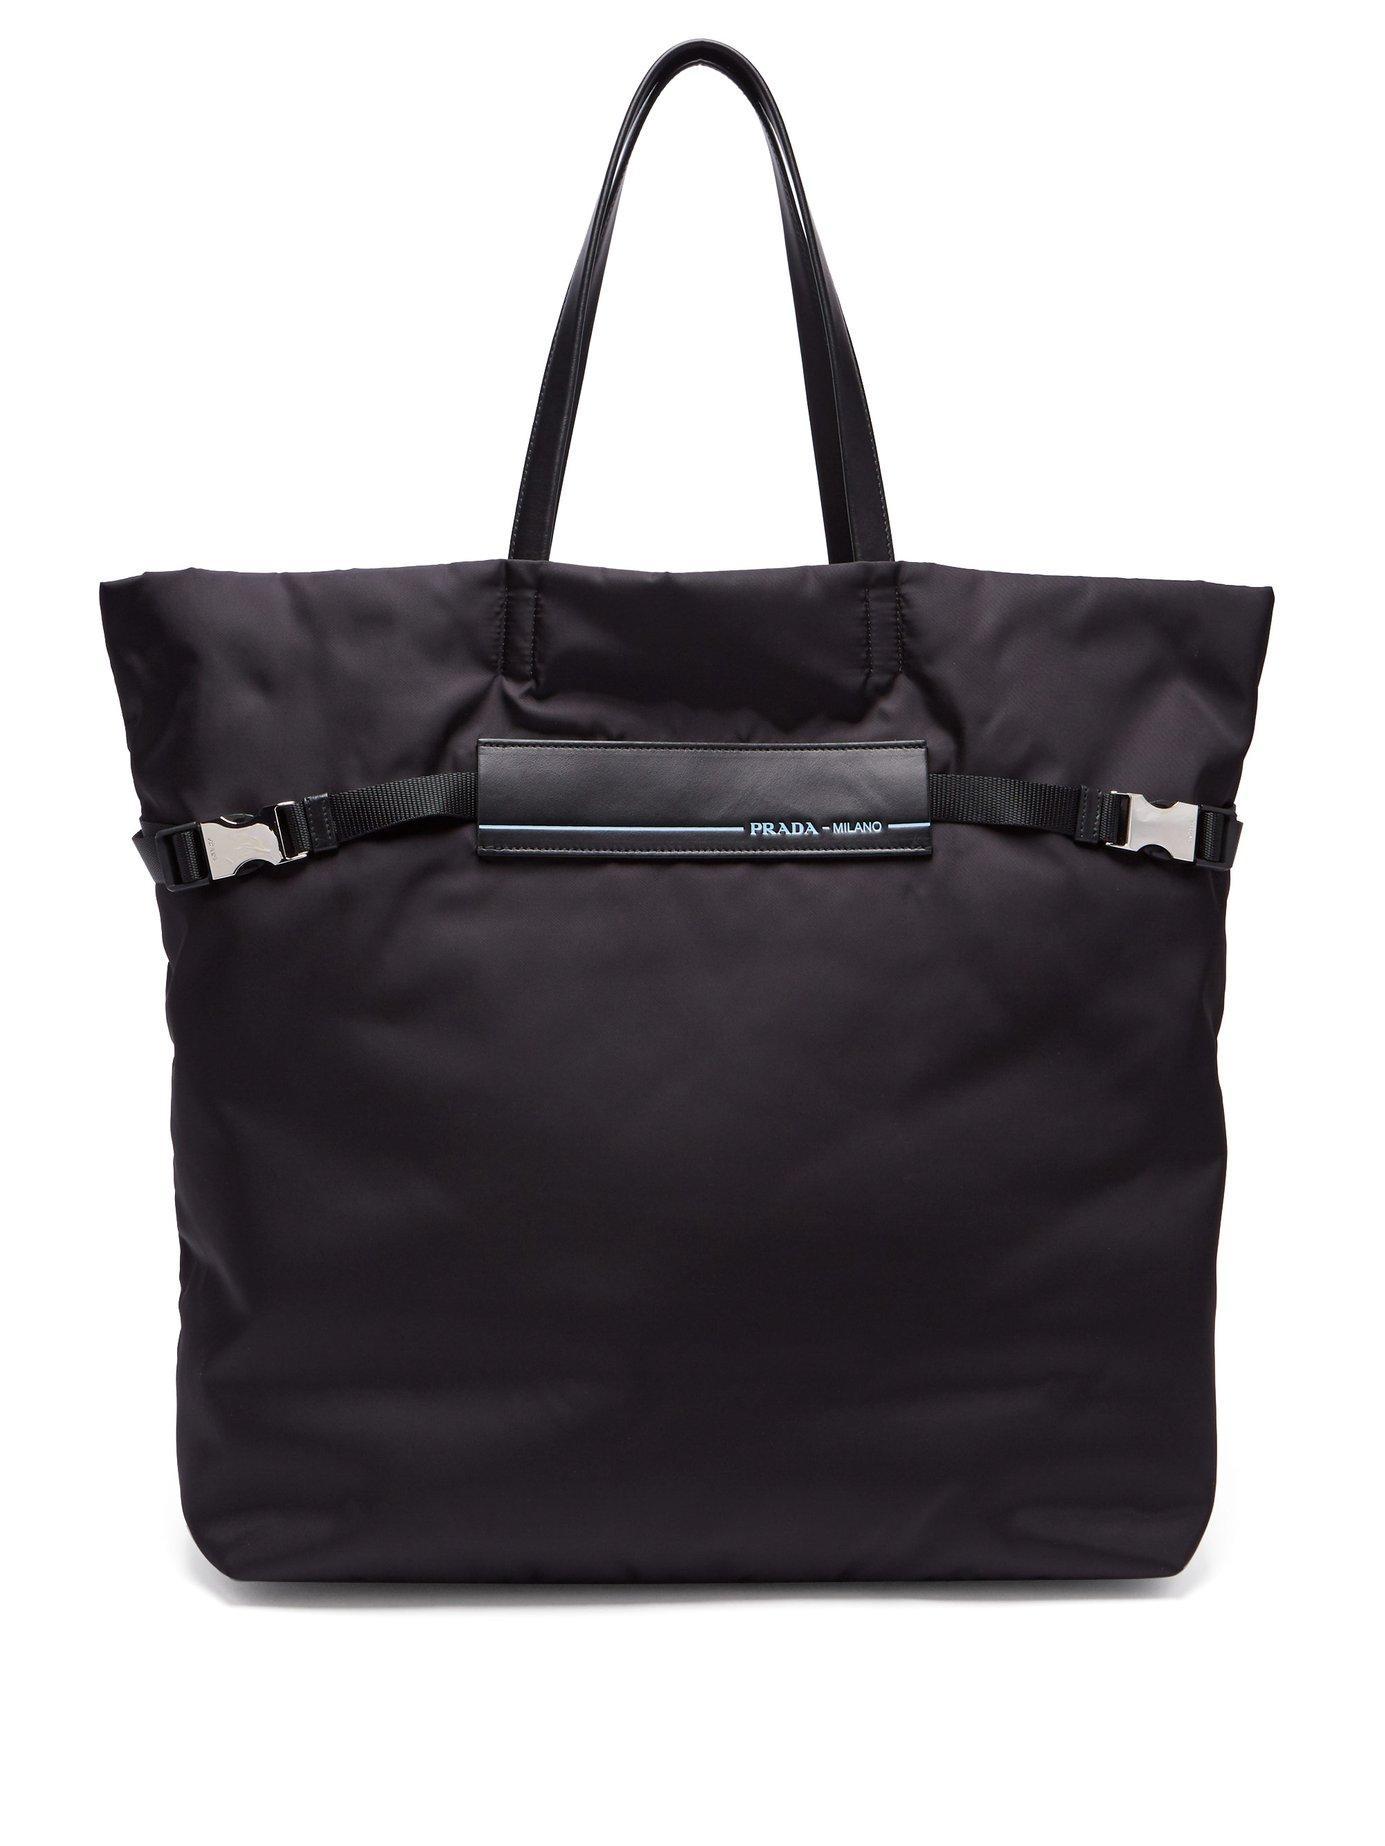 035959d9e198 Prada - Logo Patch Nylon Tote Bag - Womens - Black | ModeSens